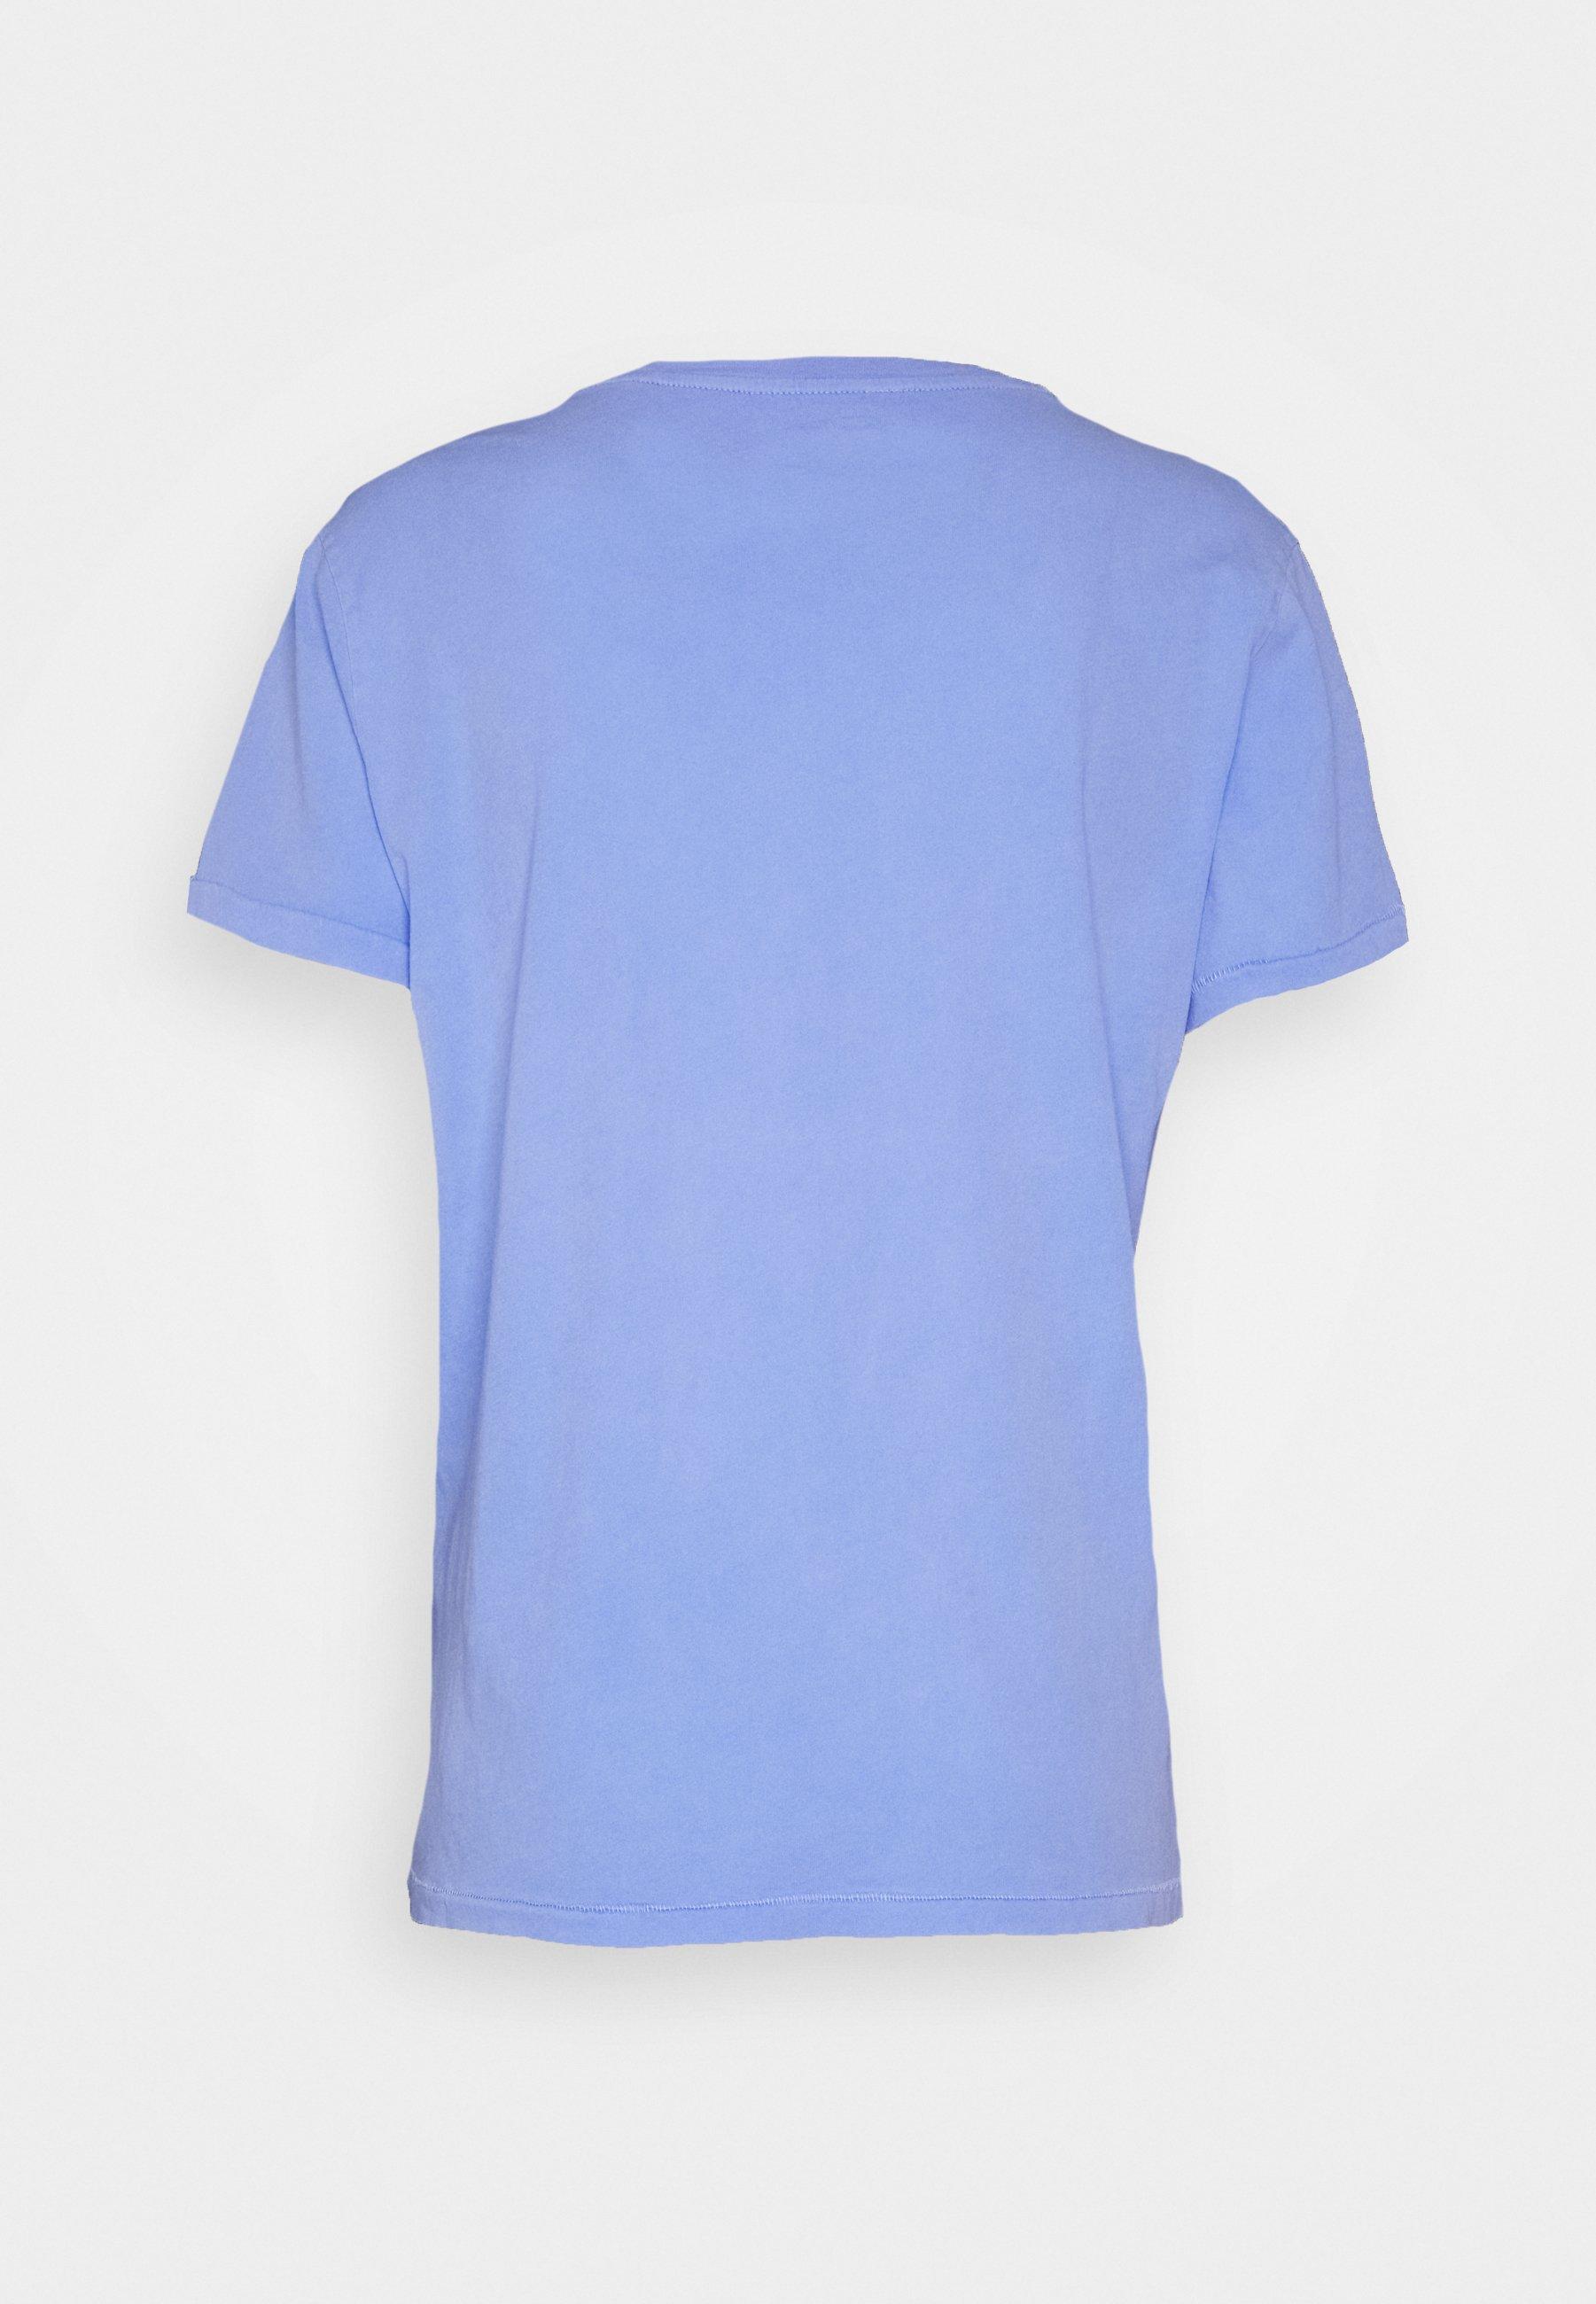 American Vintage Vegiflower - T-shirt Basic Celeste